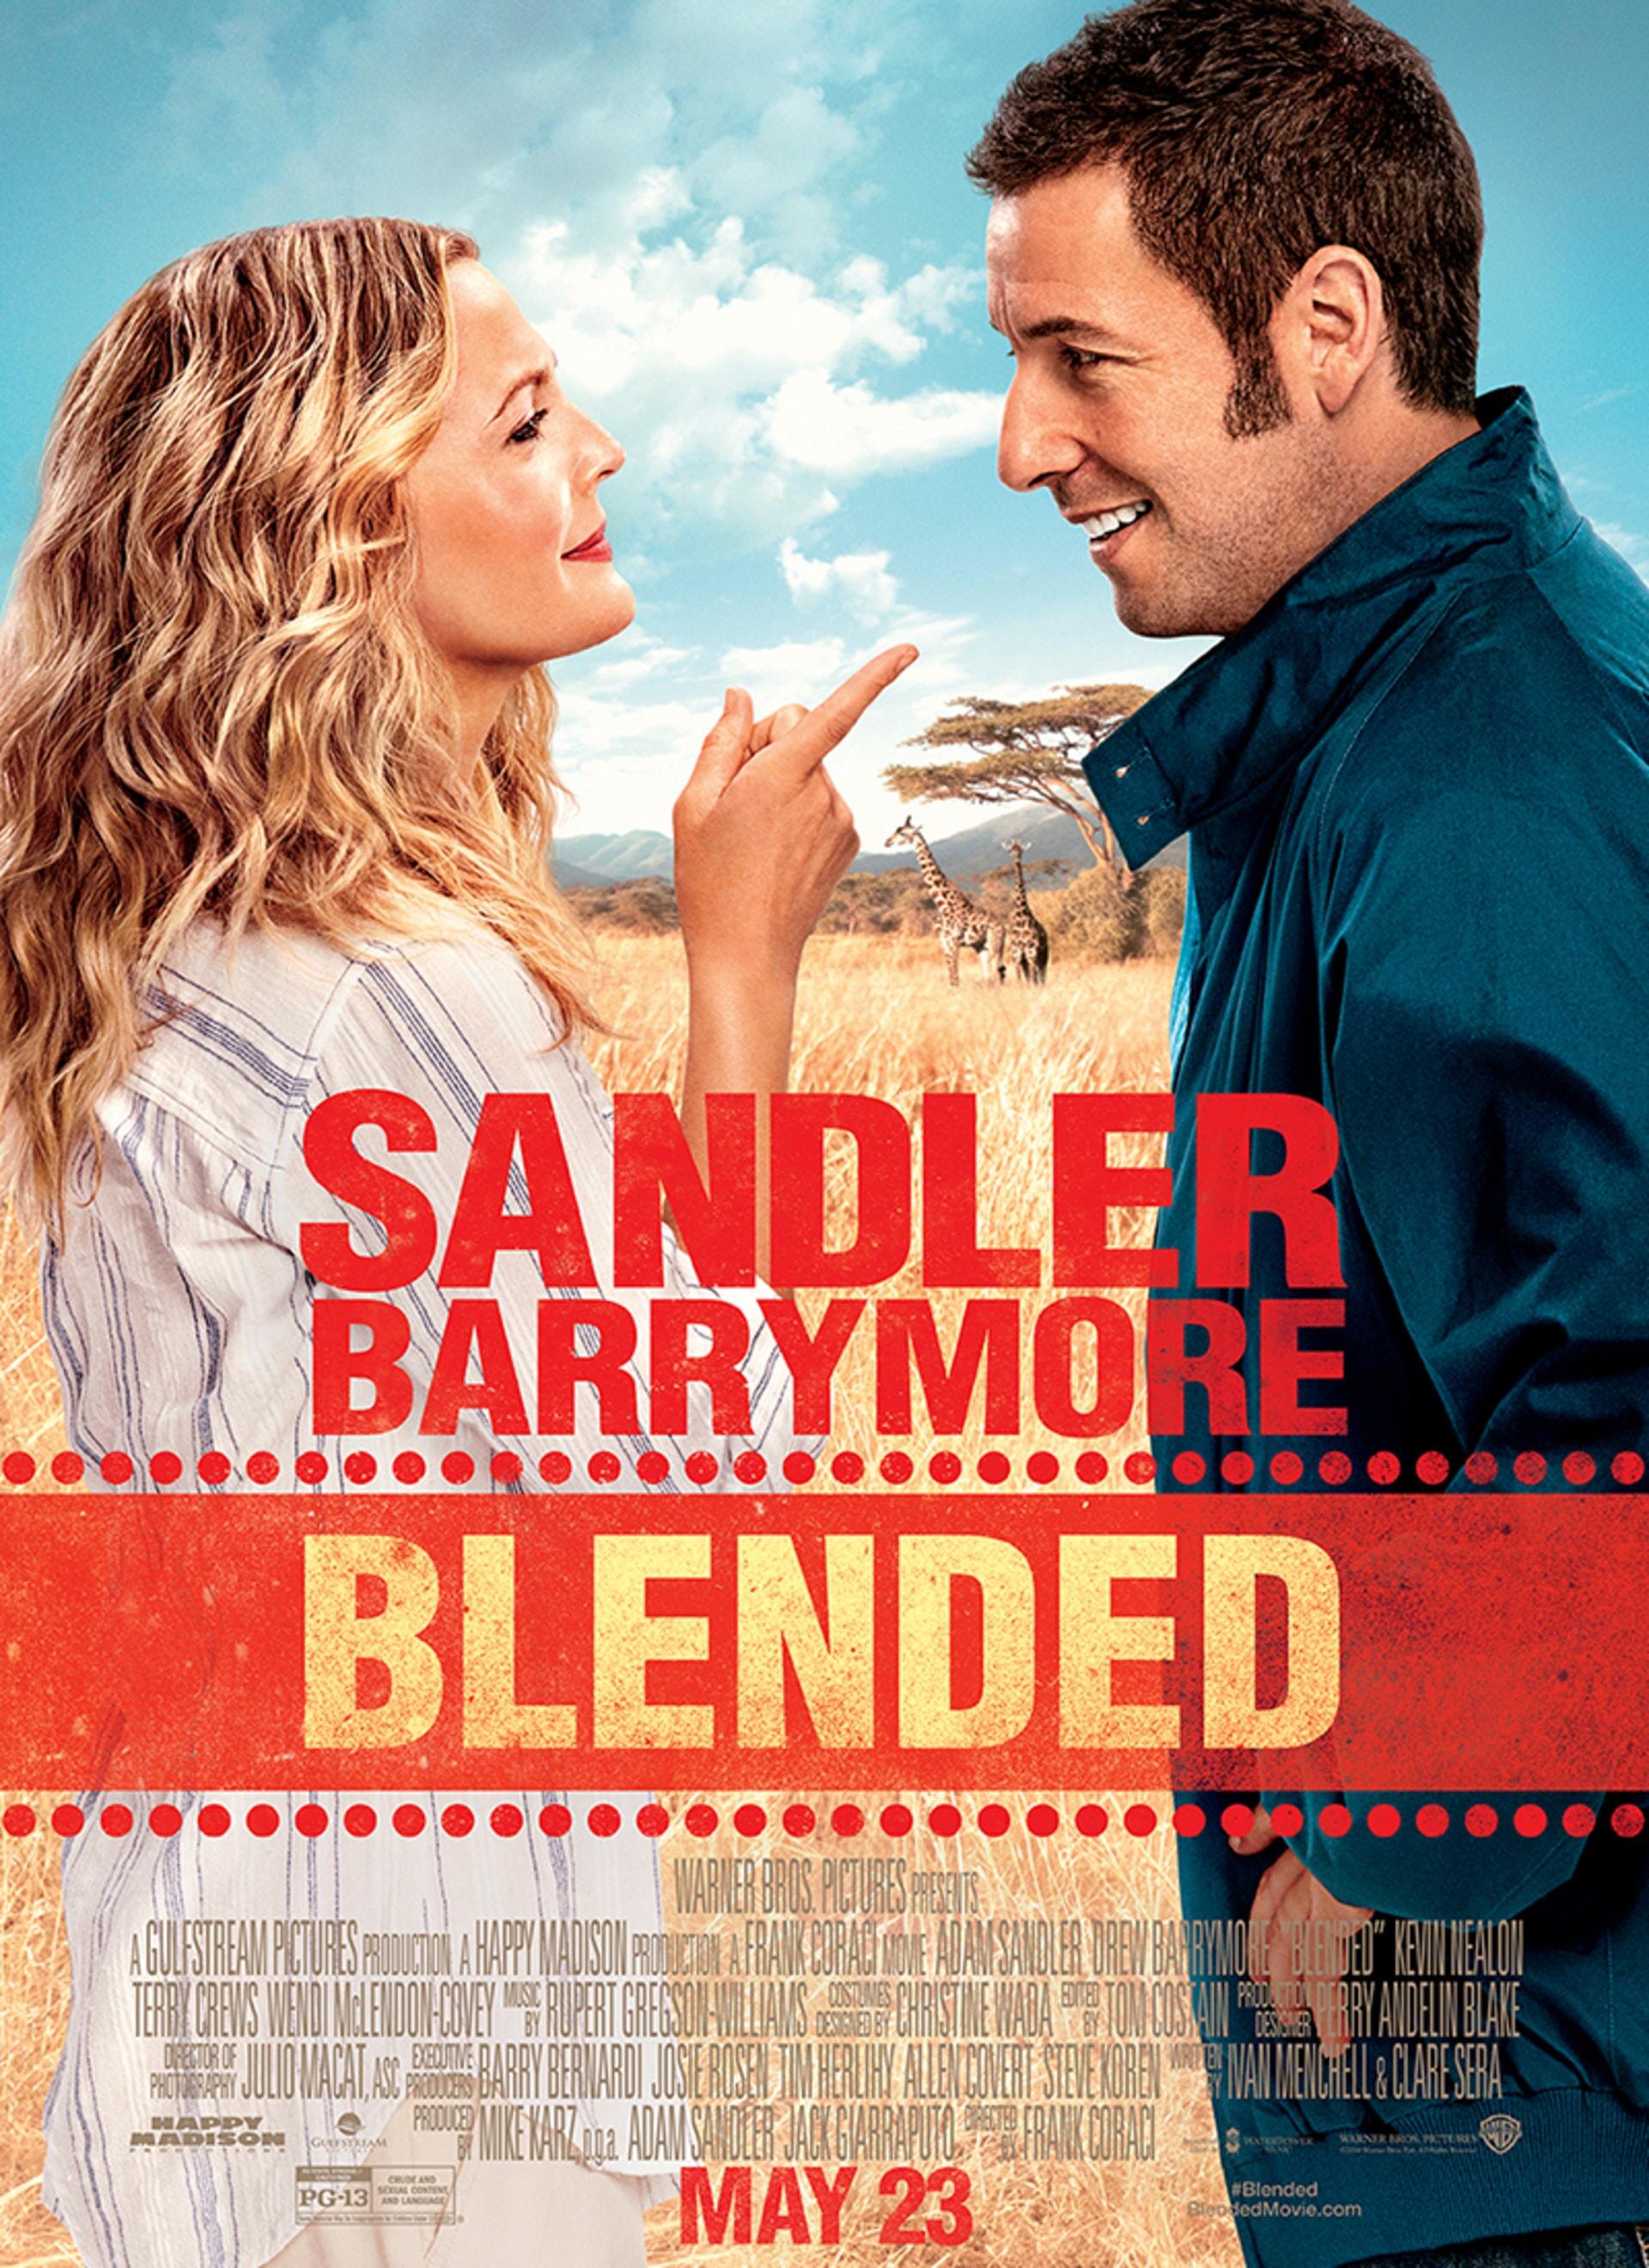 Blended - Poster 1